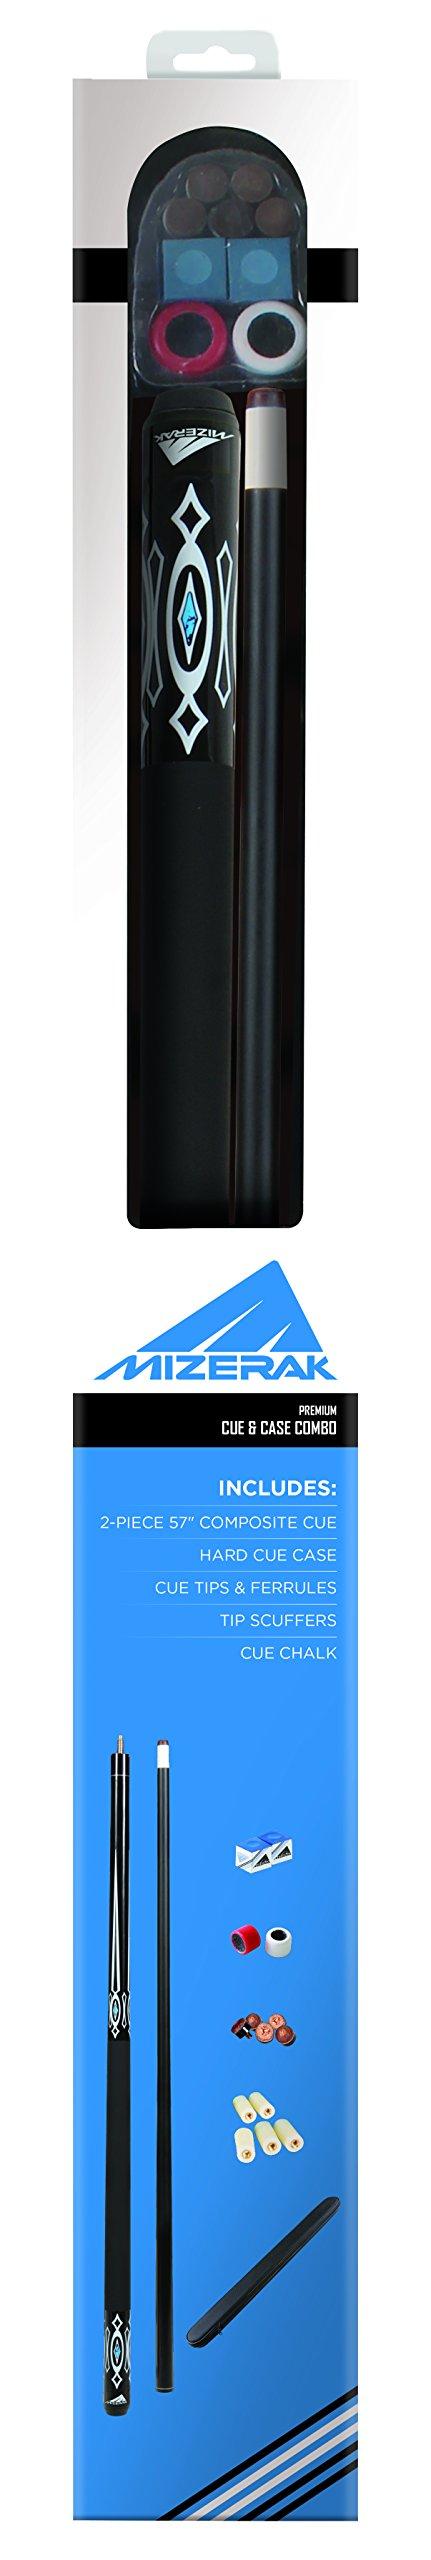 Mizerak Composite Cue & Case Combo